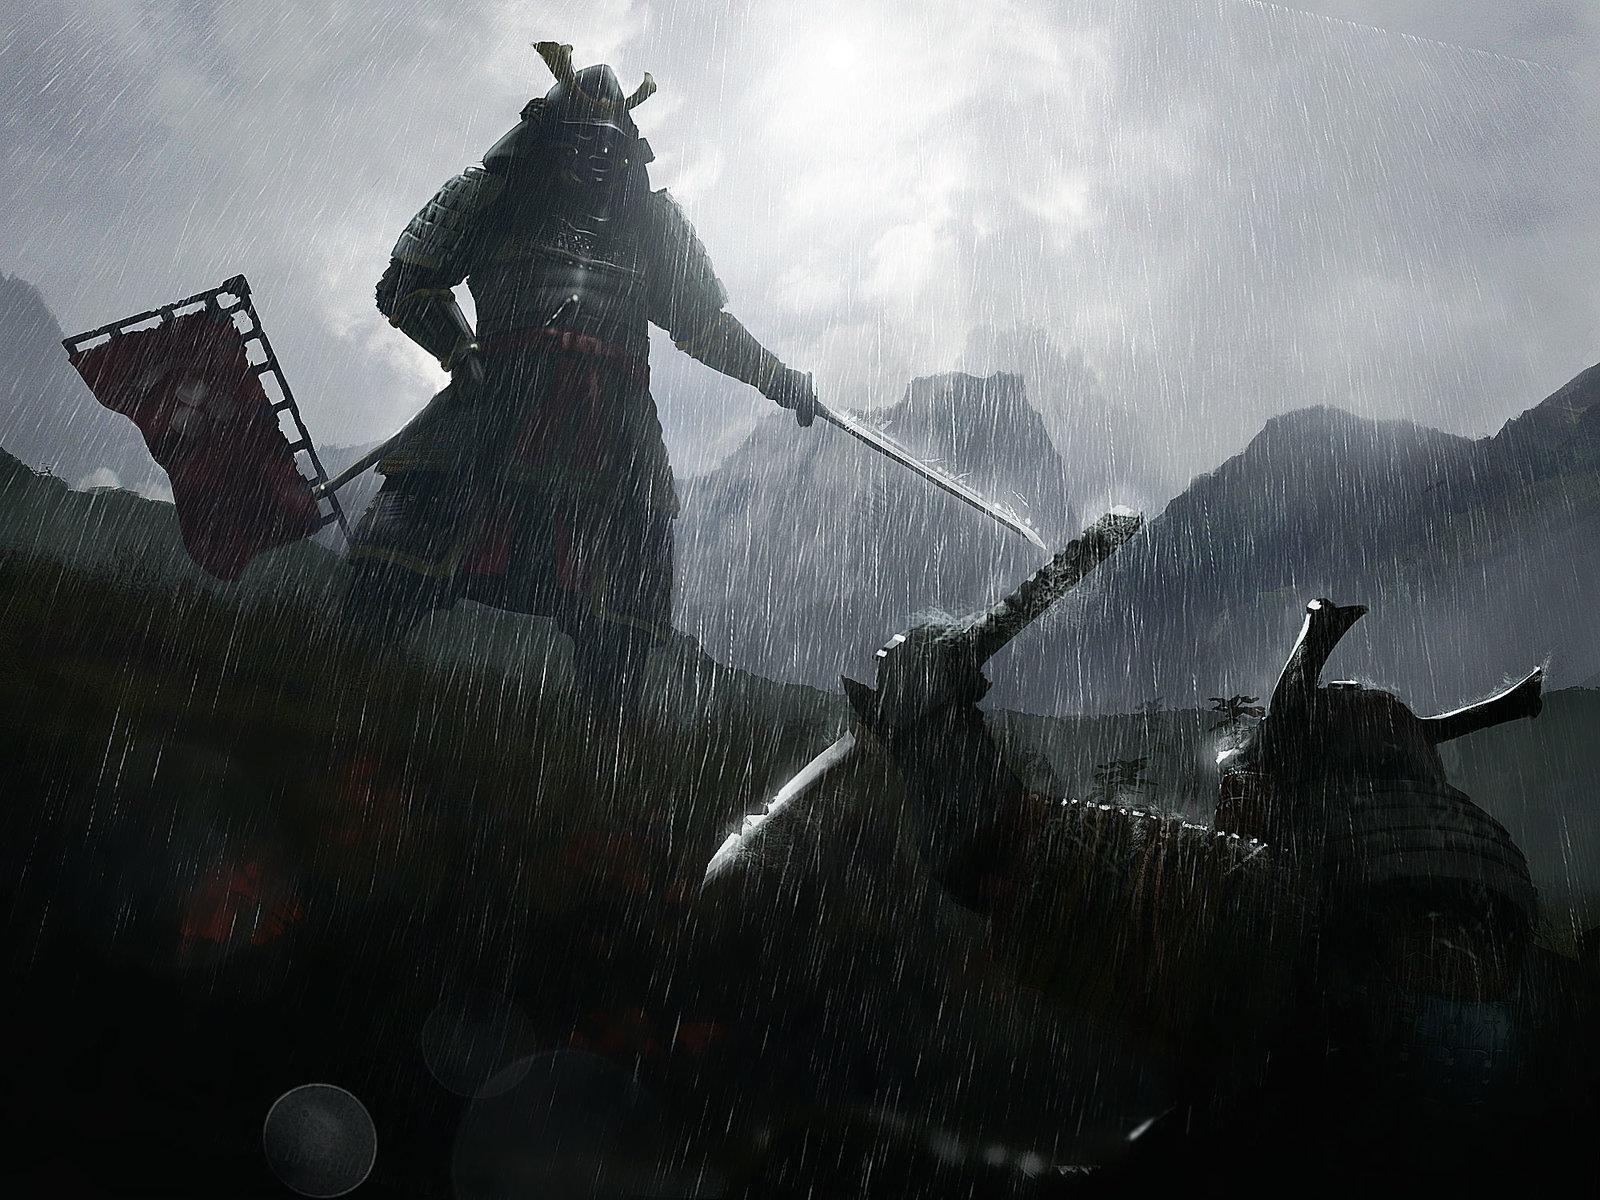 Samurai surrender